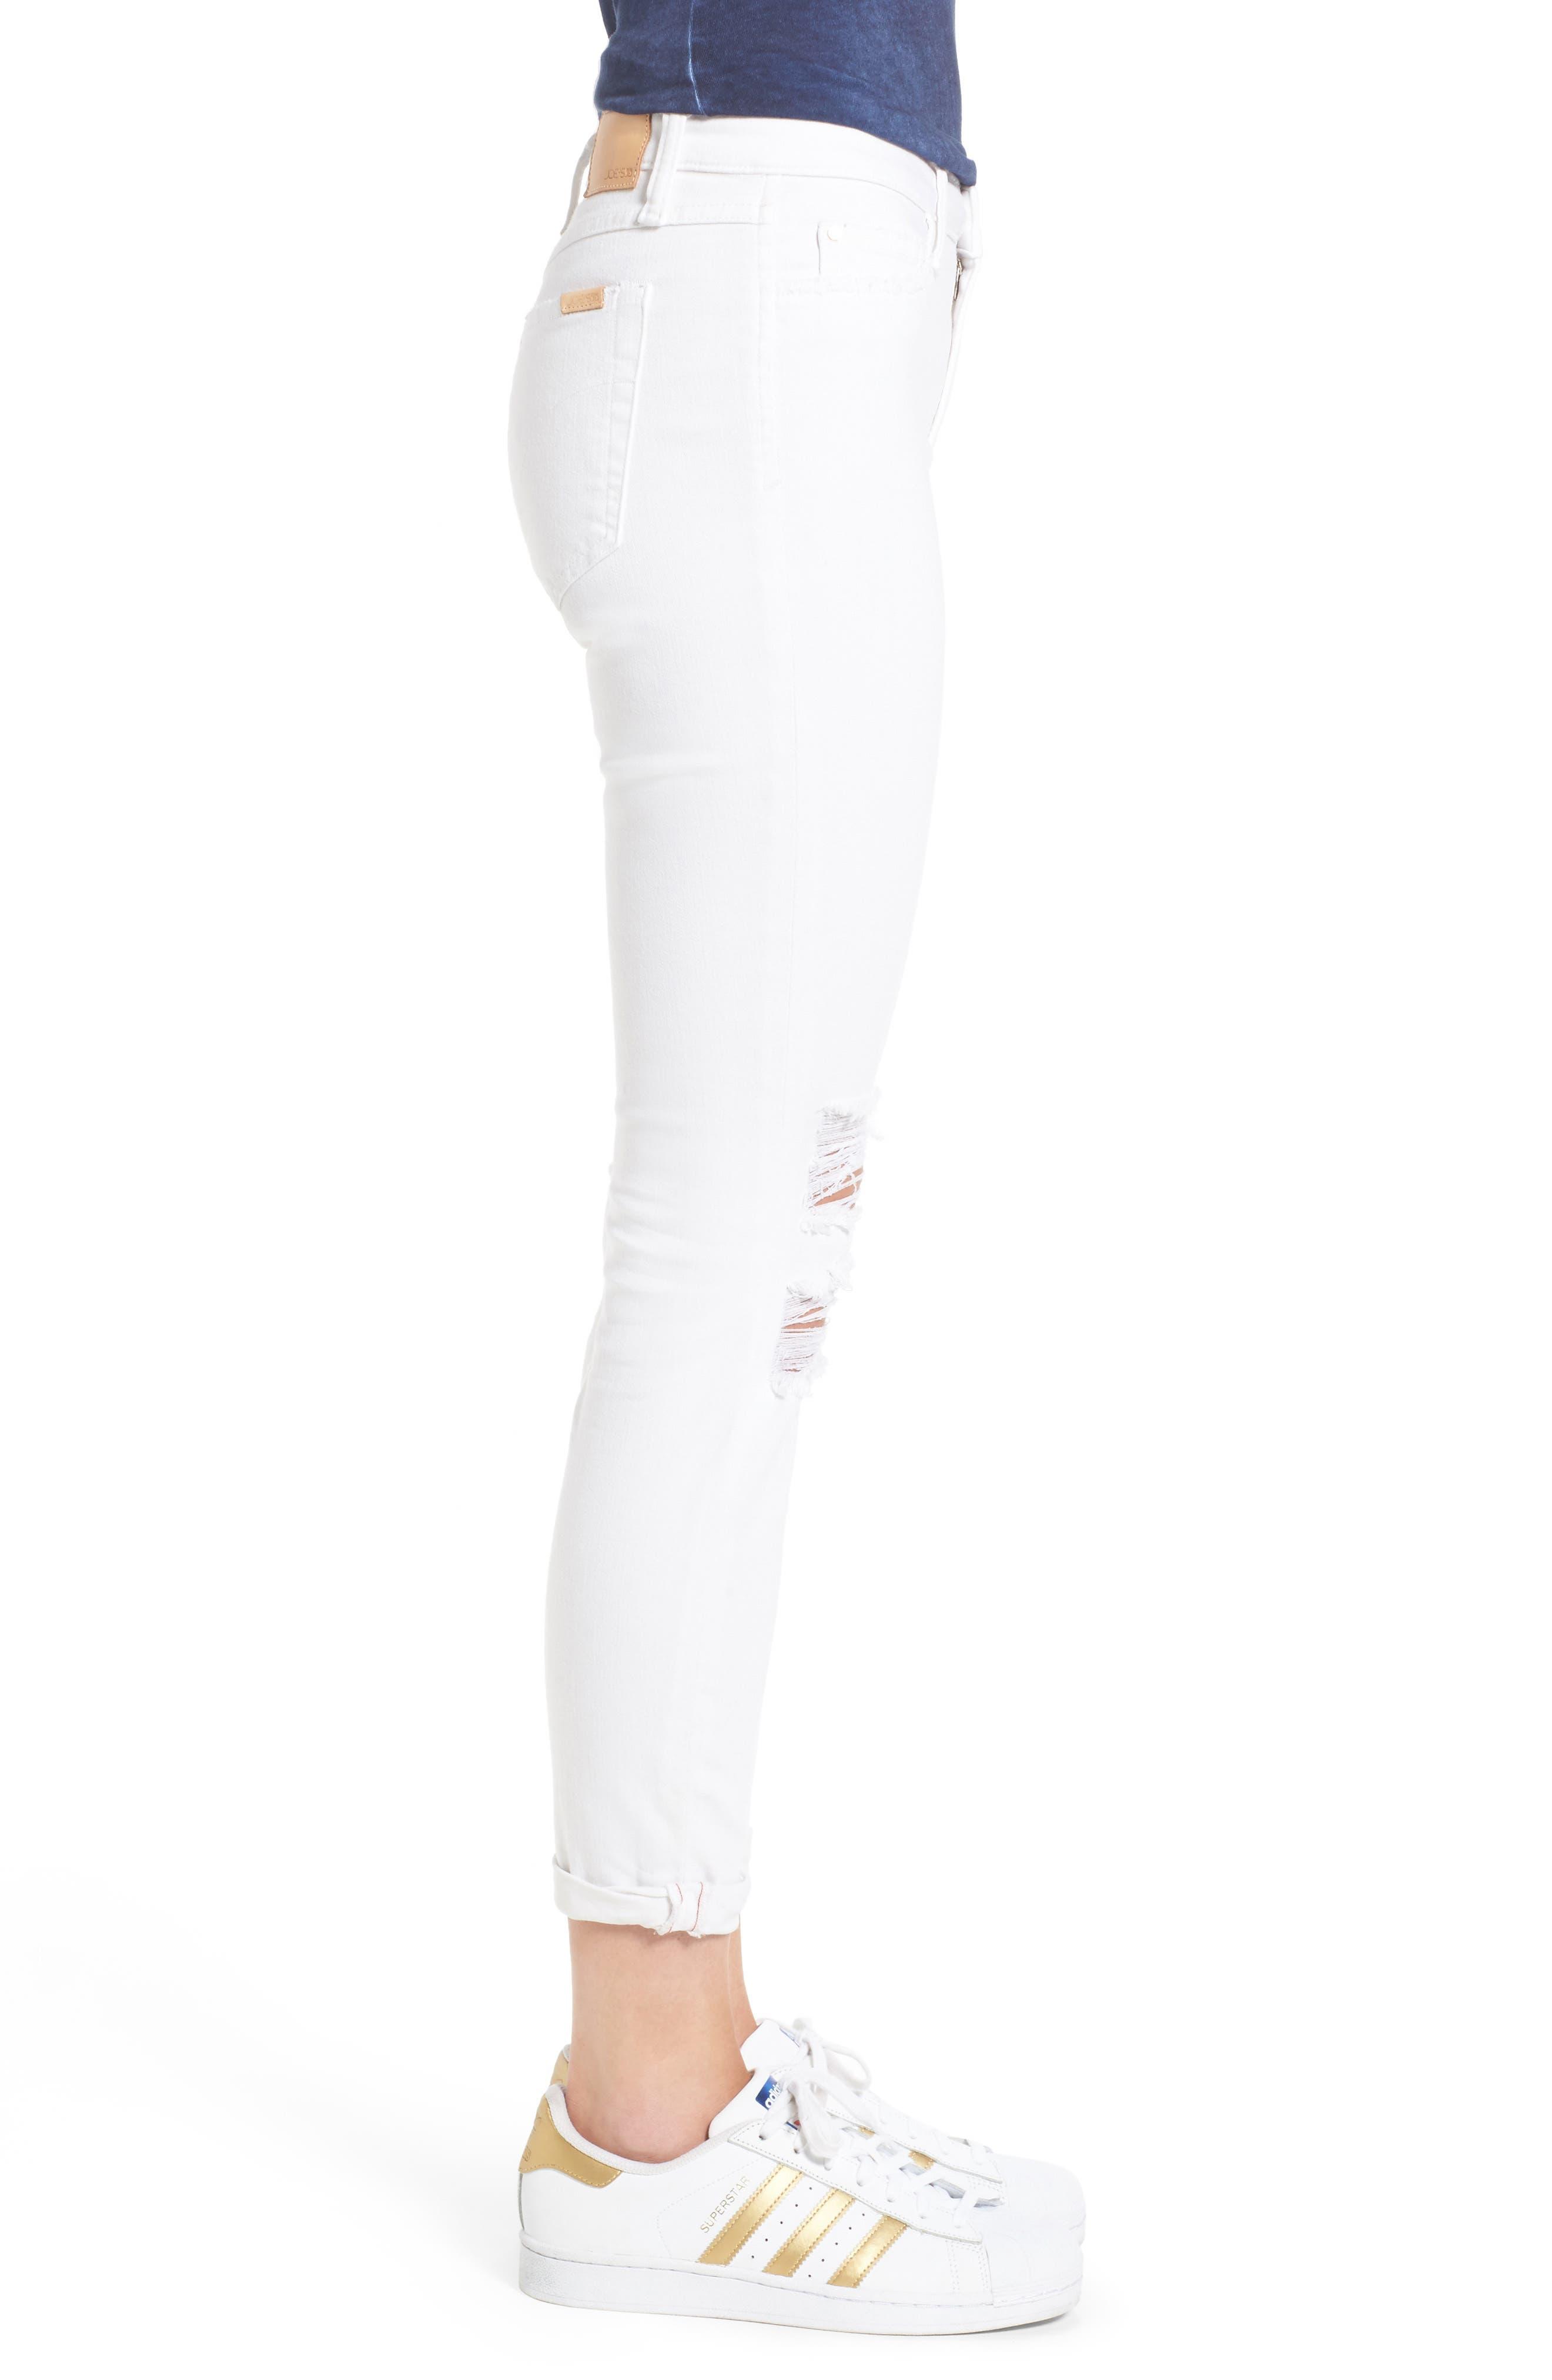 Andie Crop Skinny Jeans,                             Alternate thumbnail 3, color,                             100